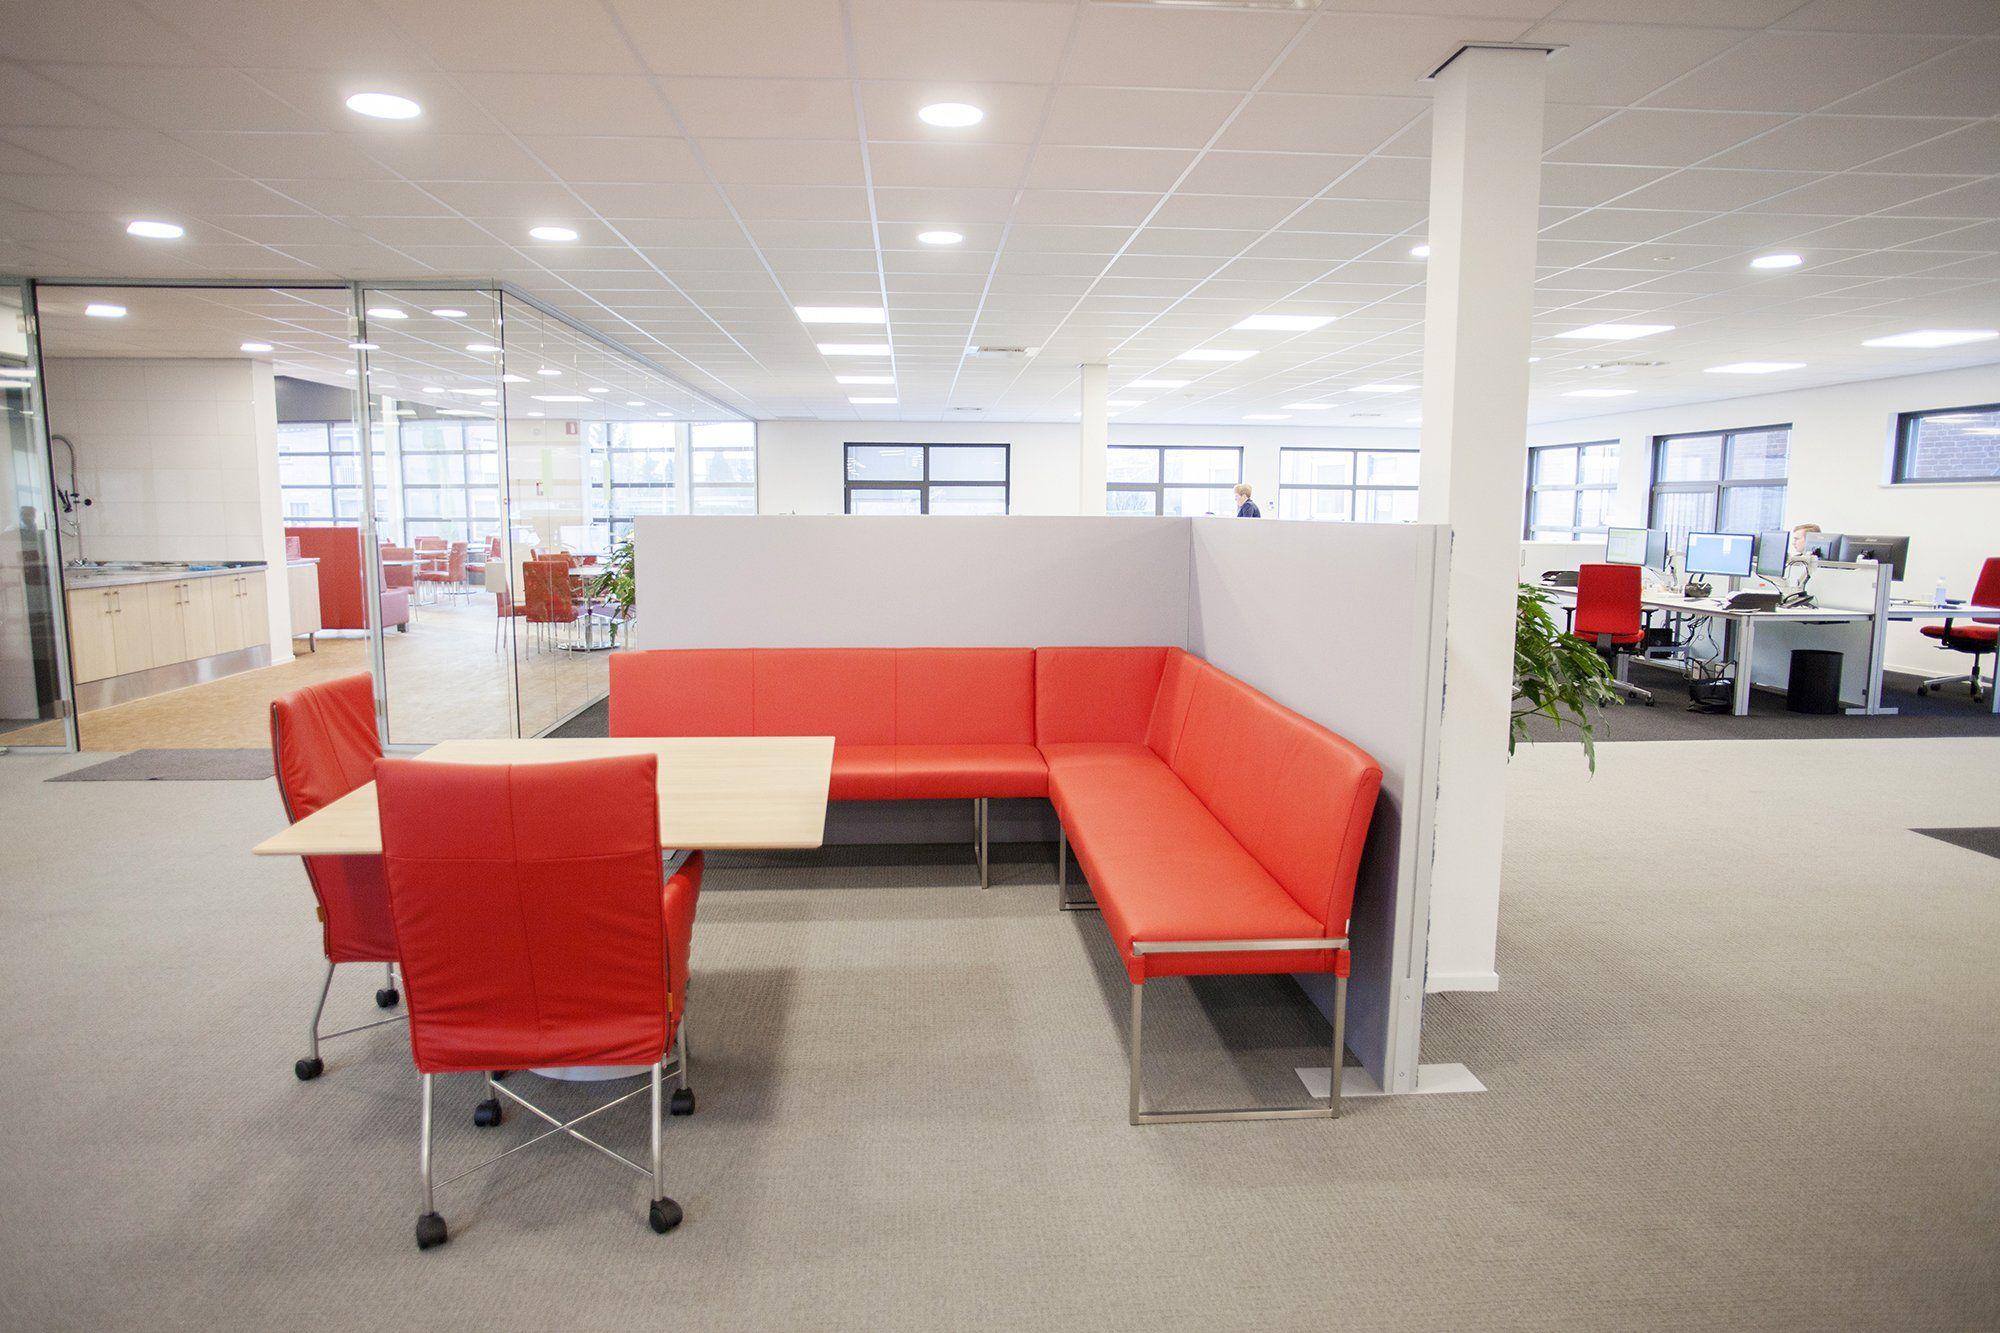 Geluidsabsorberende scheidingswand in een grote kantoorruimte